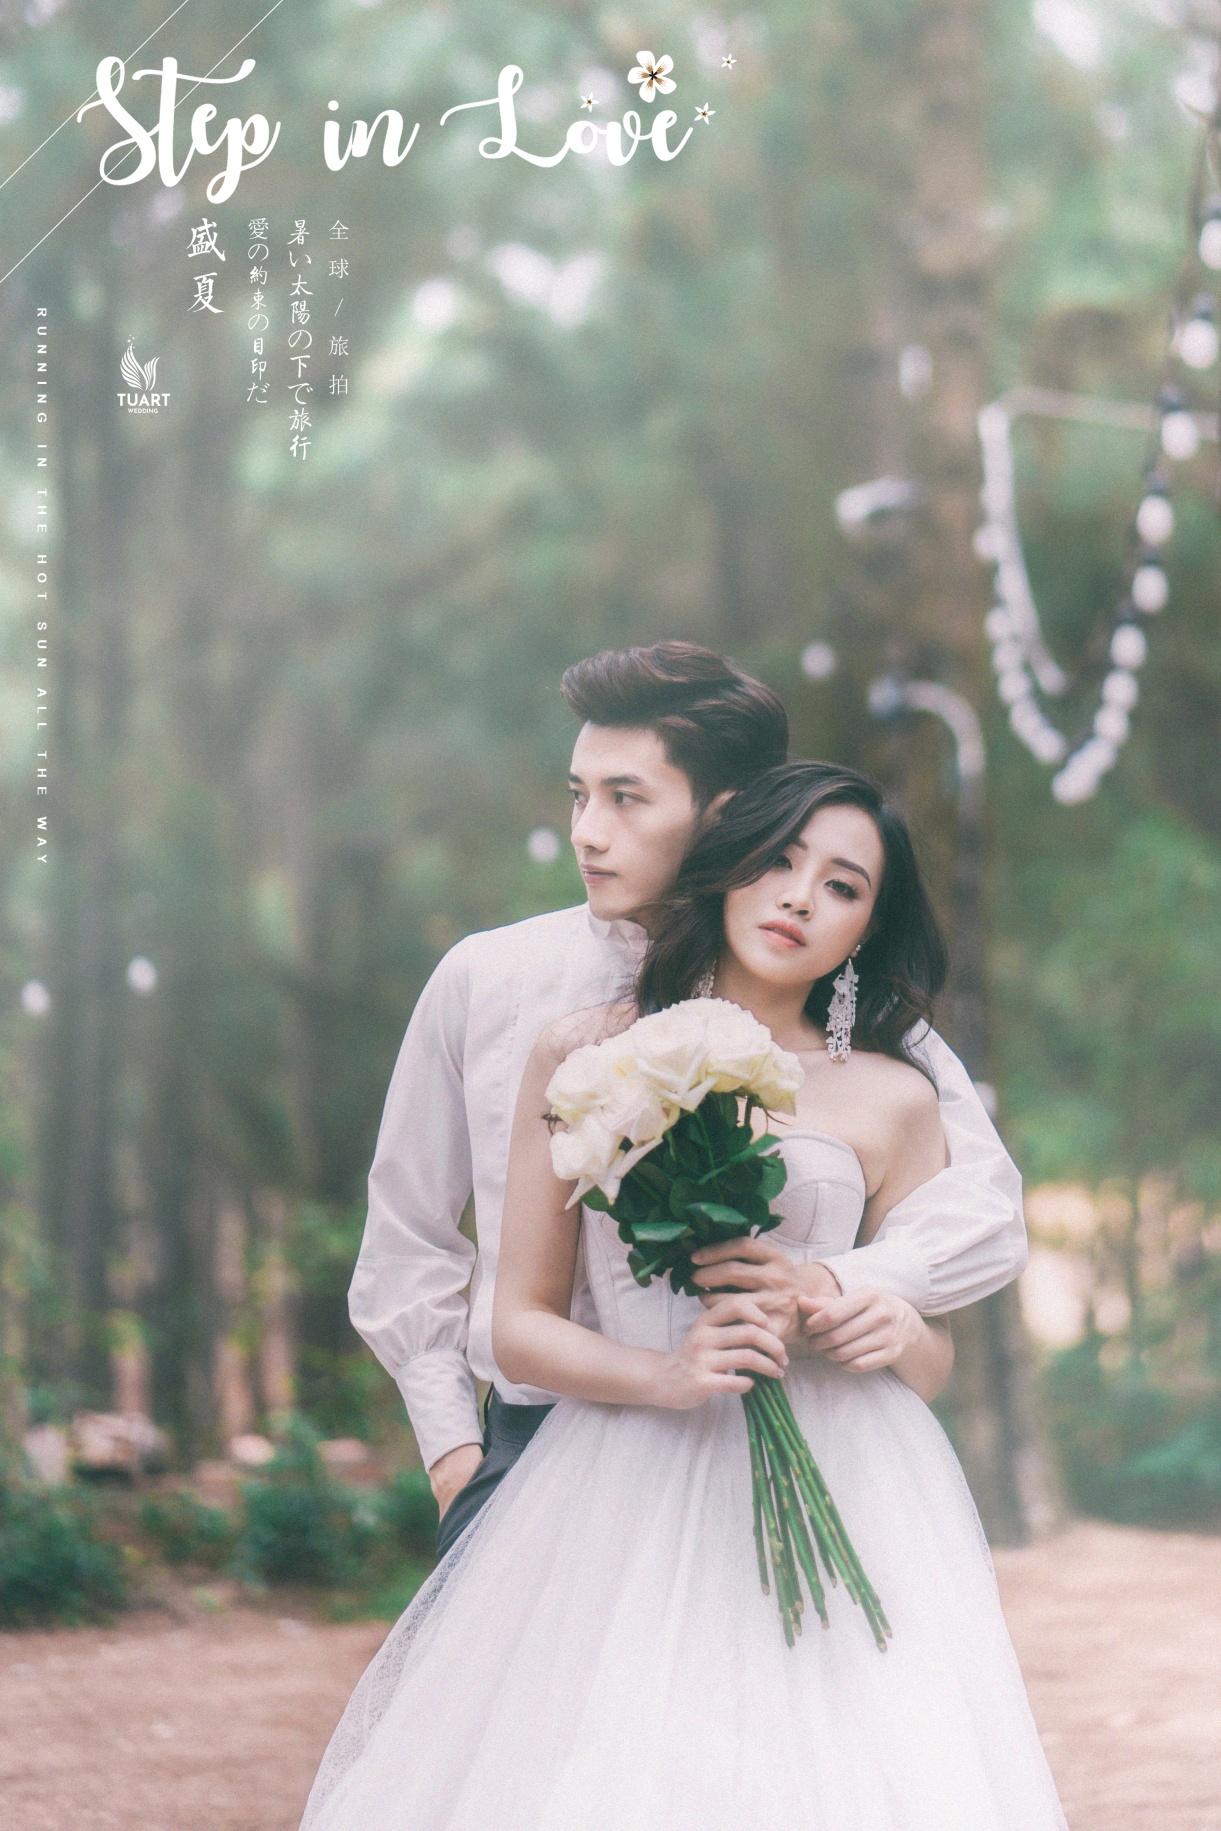 Ảnh cưới đẹp tại Đải Lải của Hotgirl Ly Giáng Vũ